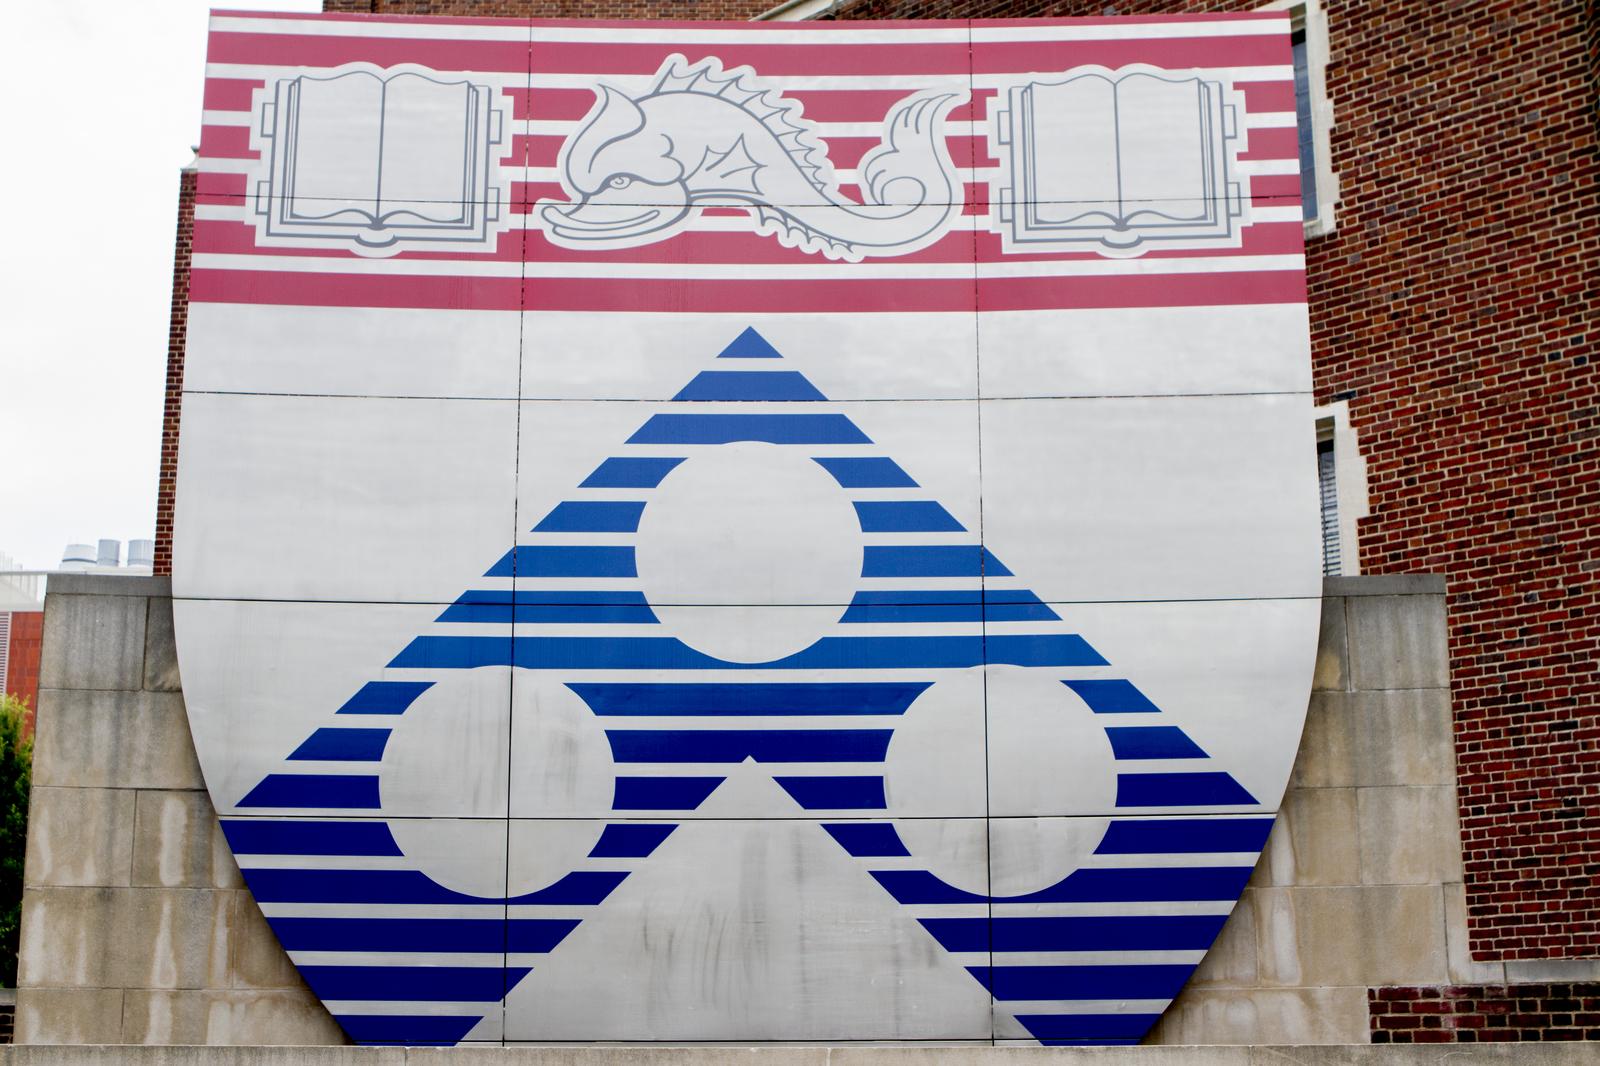 Penn Emblem on Campus